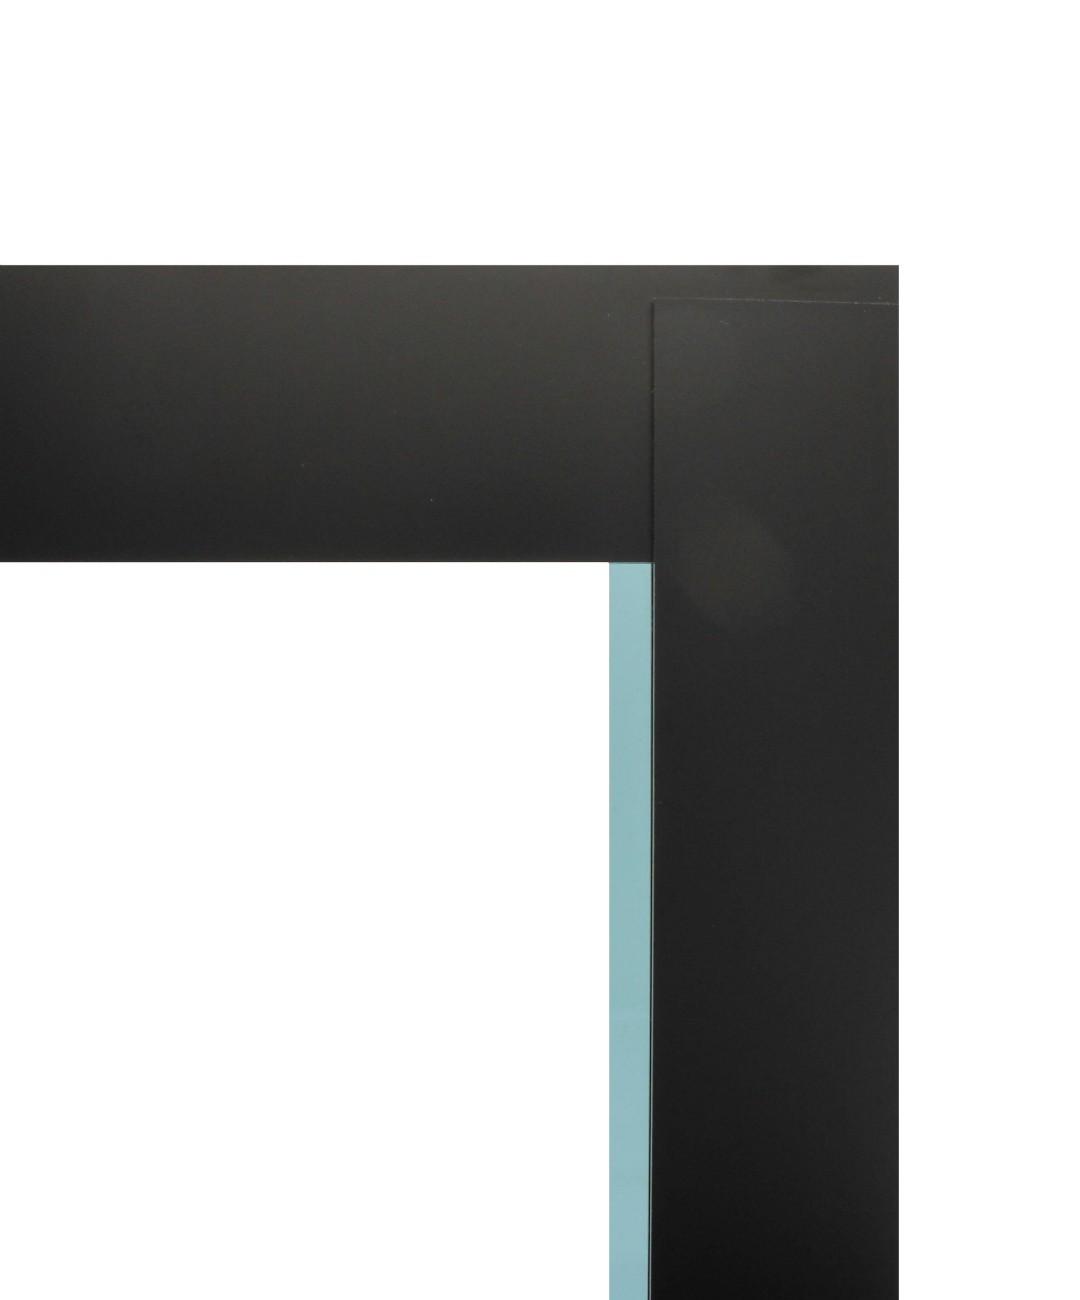 üvegező derékszög 80 cm